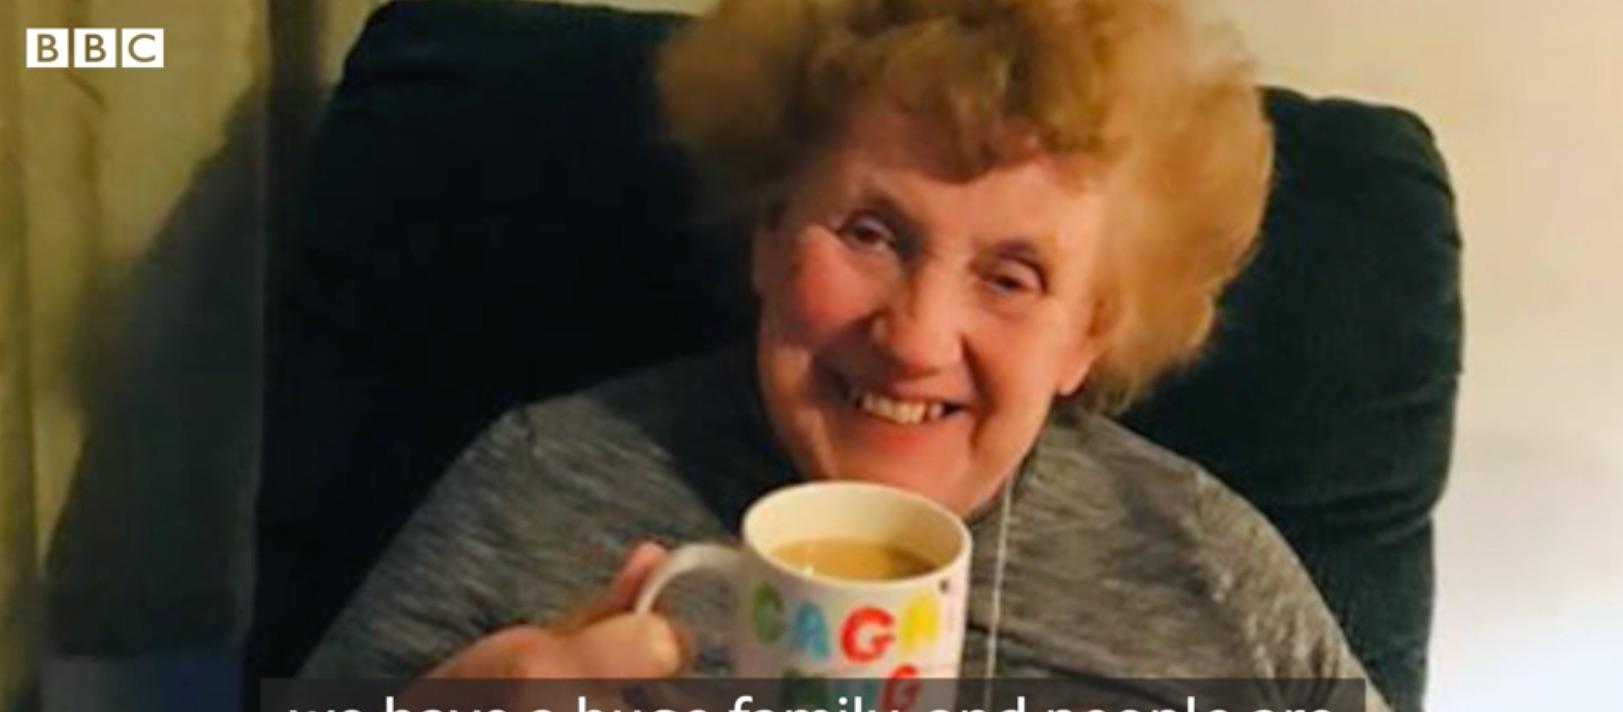 Nana Jean